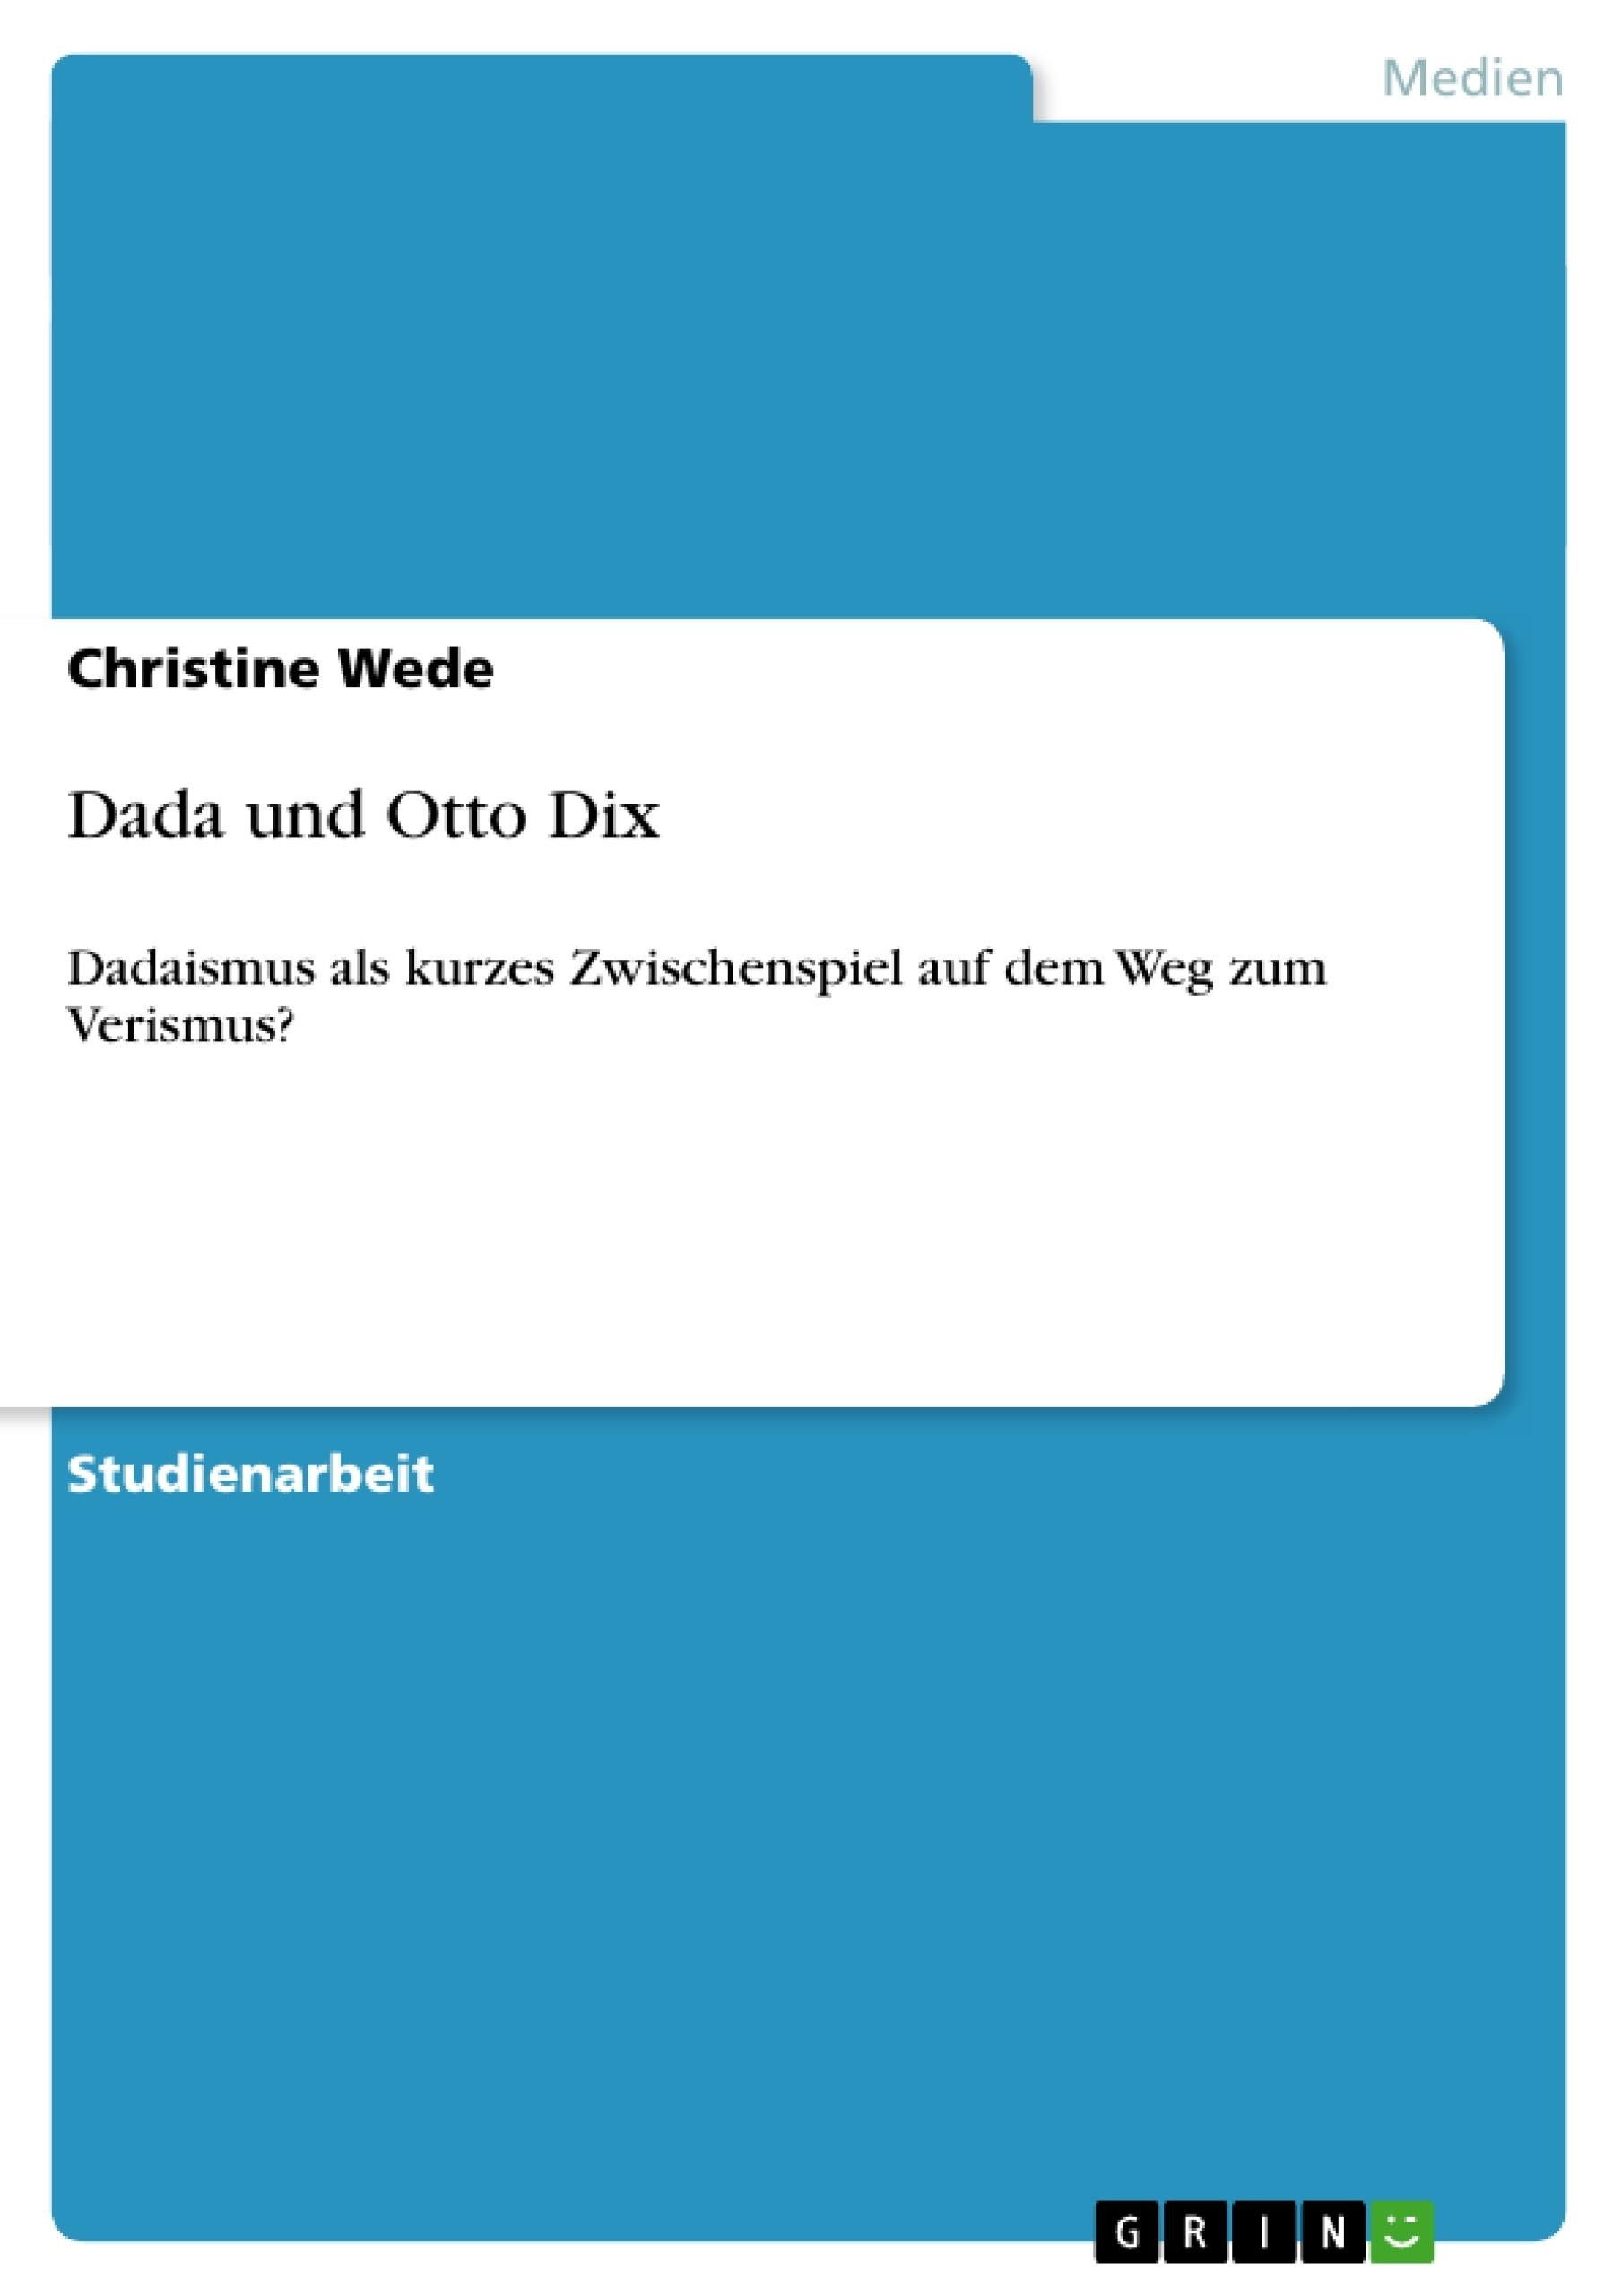 Titel: Dada und Otto Dix